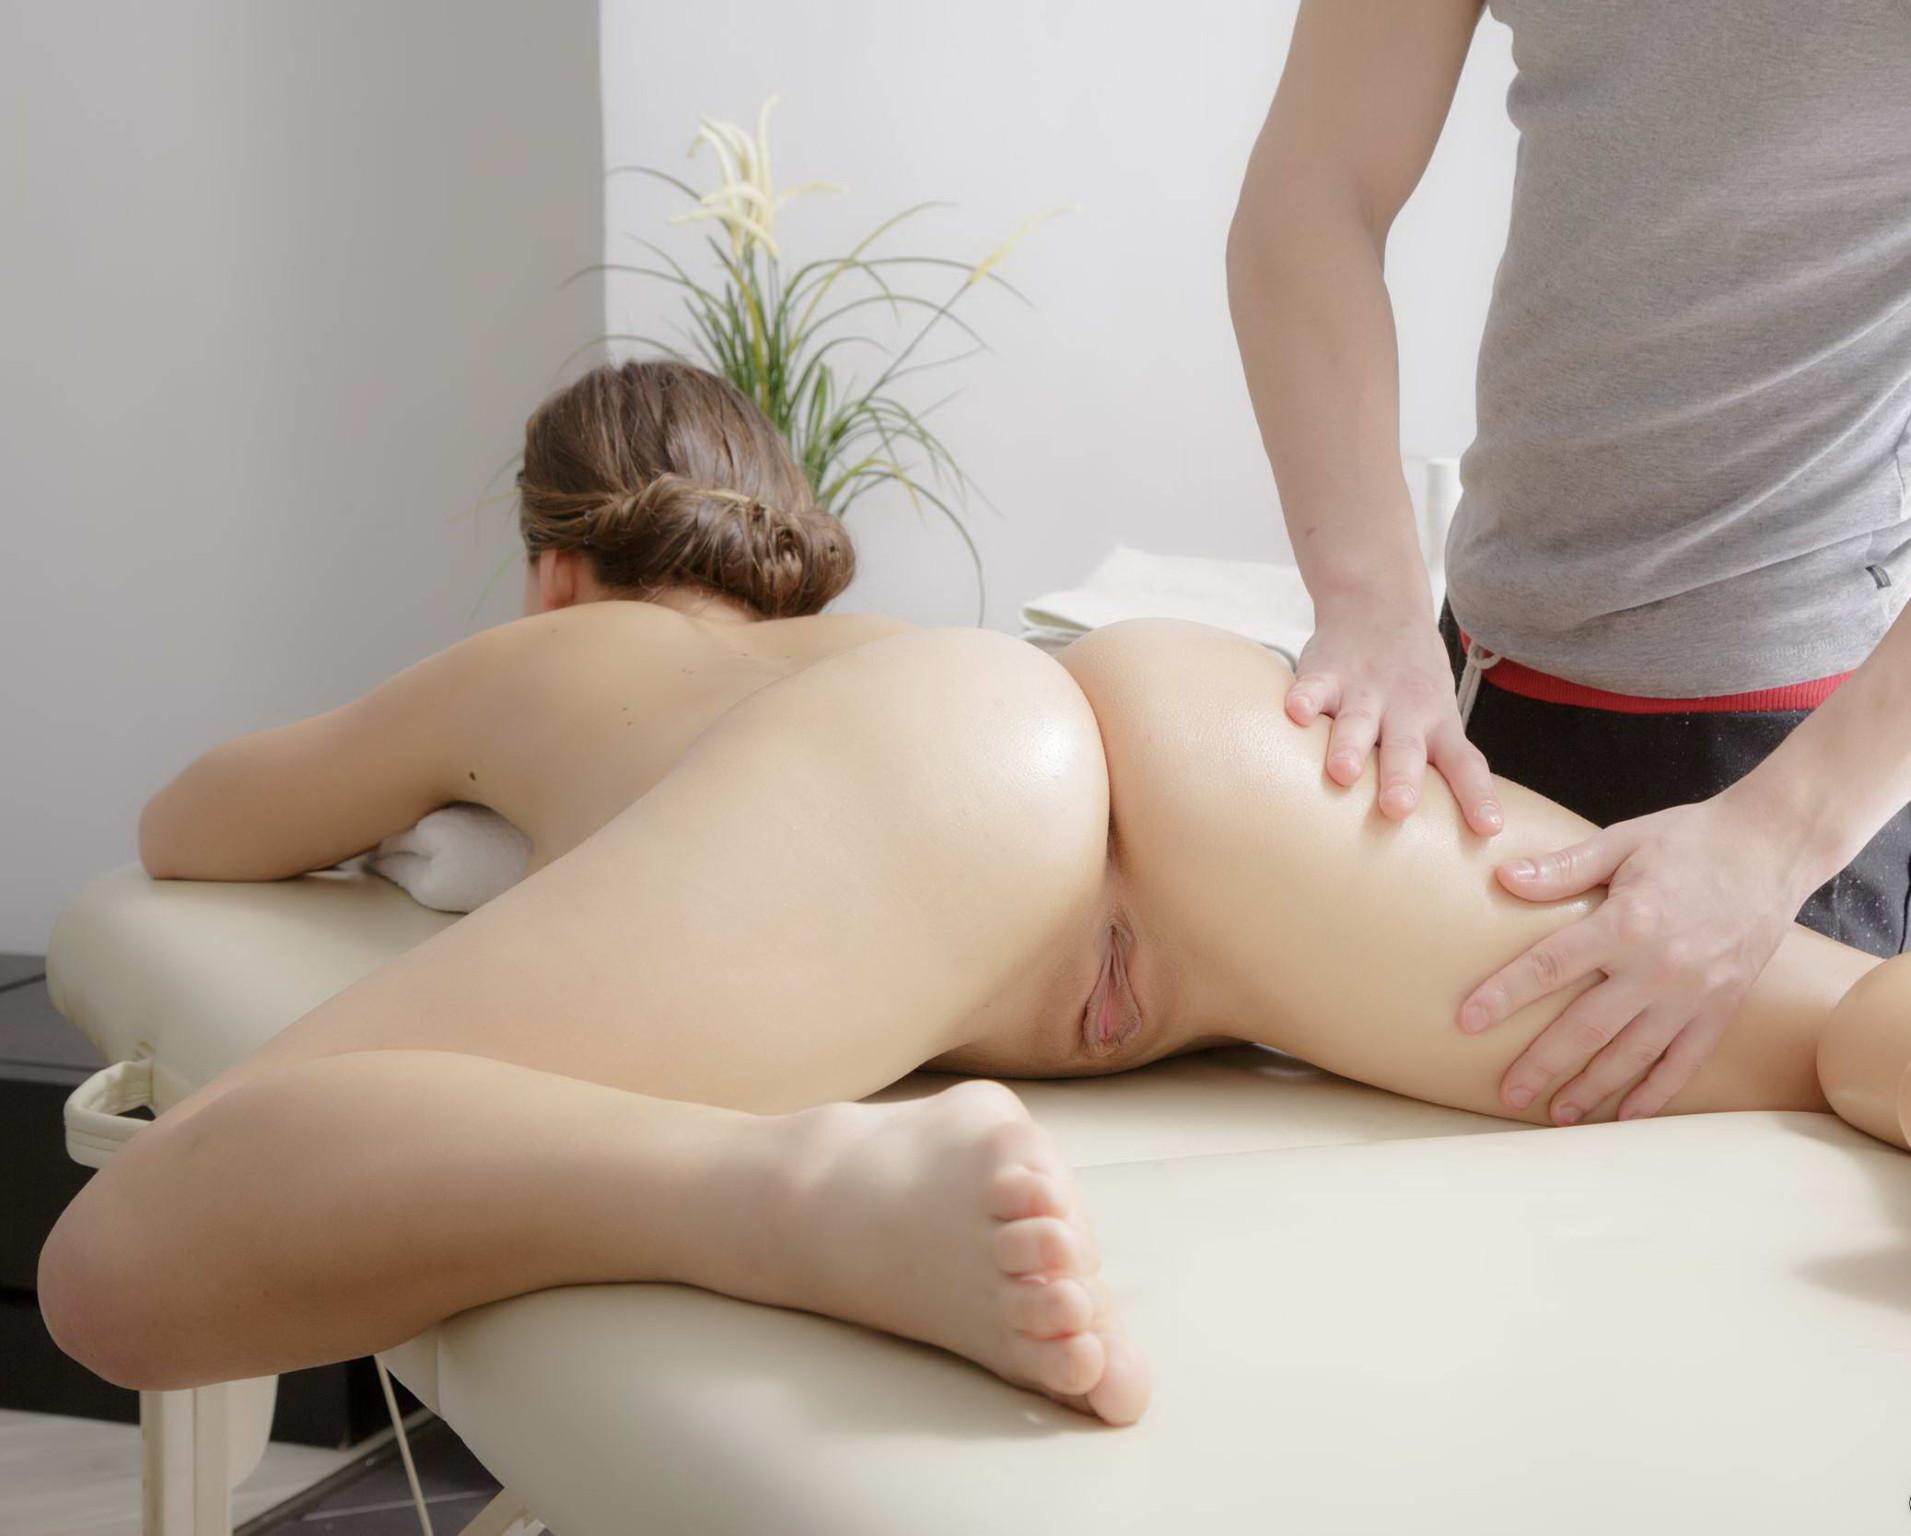 sdelal-mamke-porno-massazh